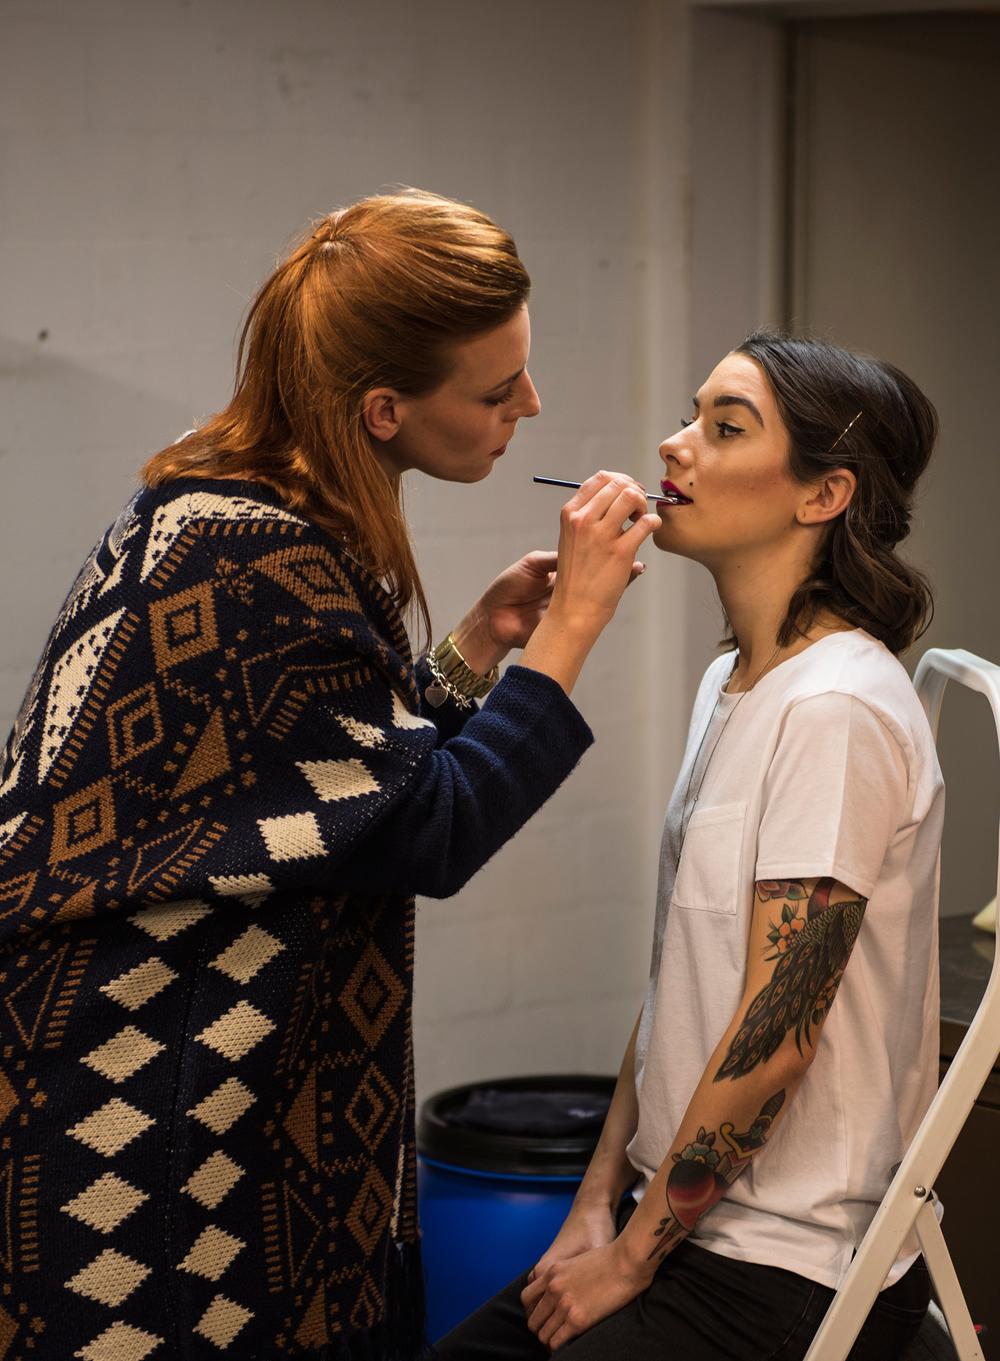 Belinda konzentriert an der Arbeit mit unserem Model Verena Kosheen.